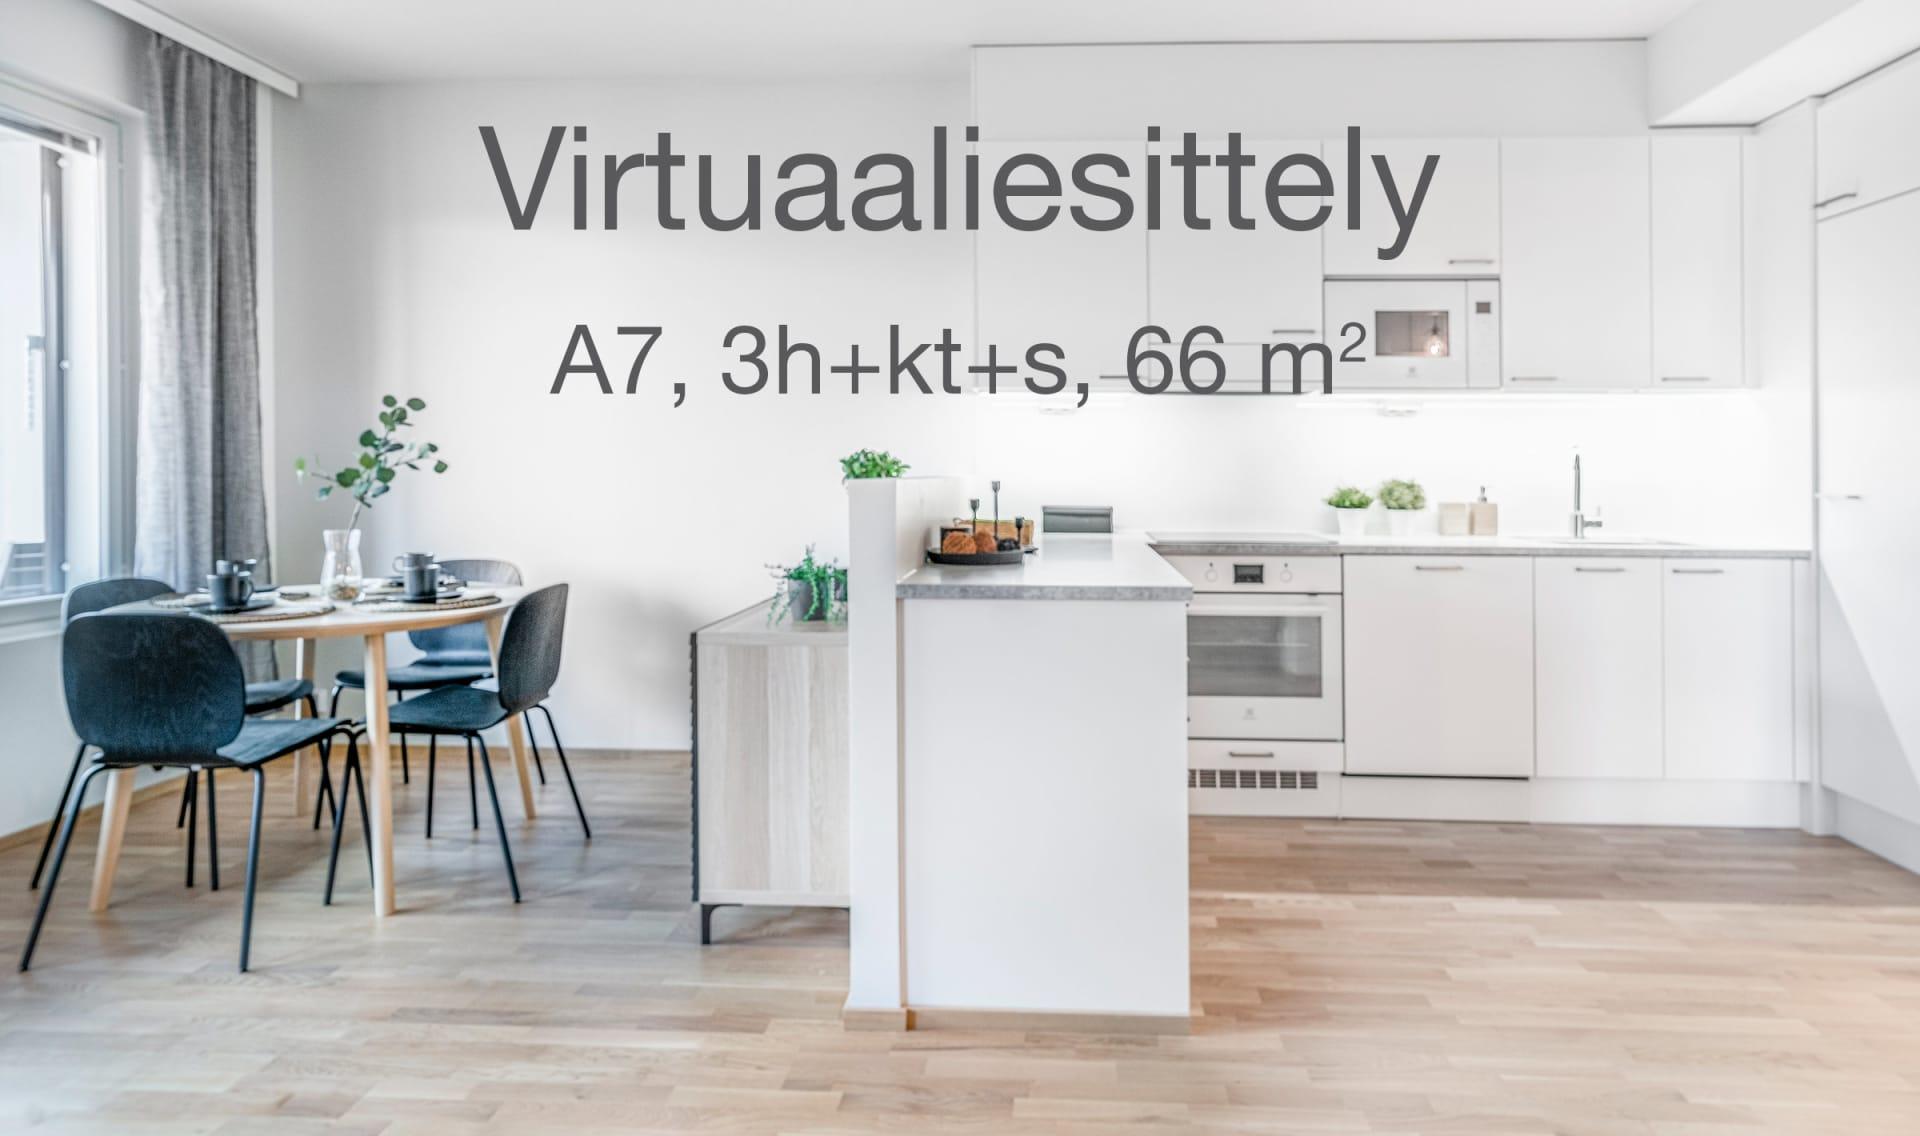 Astu sisään Naantalin Matruusin kolmioon virtuaaliesittelyn avulla!